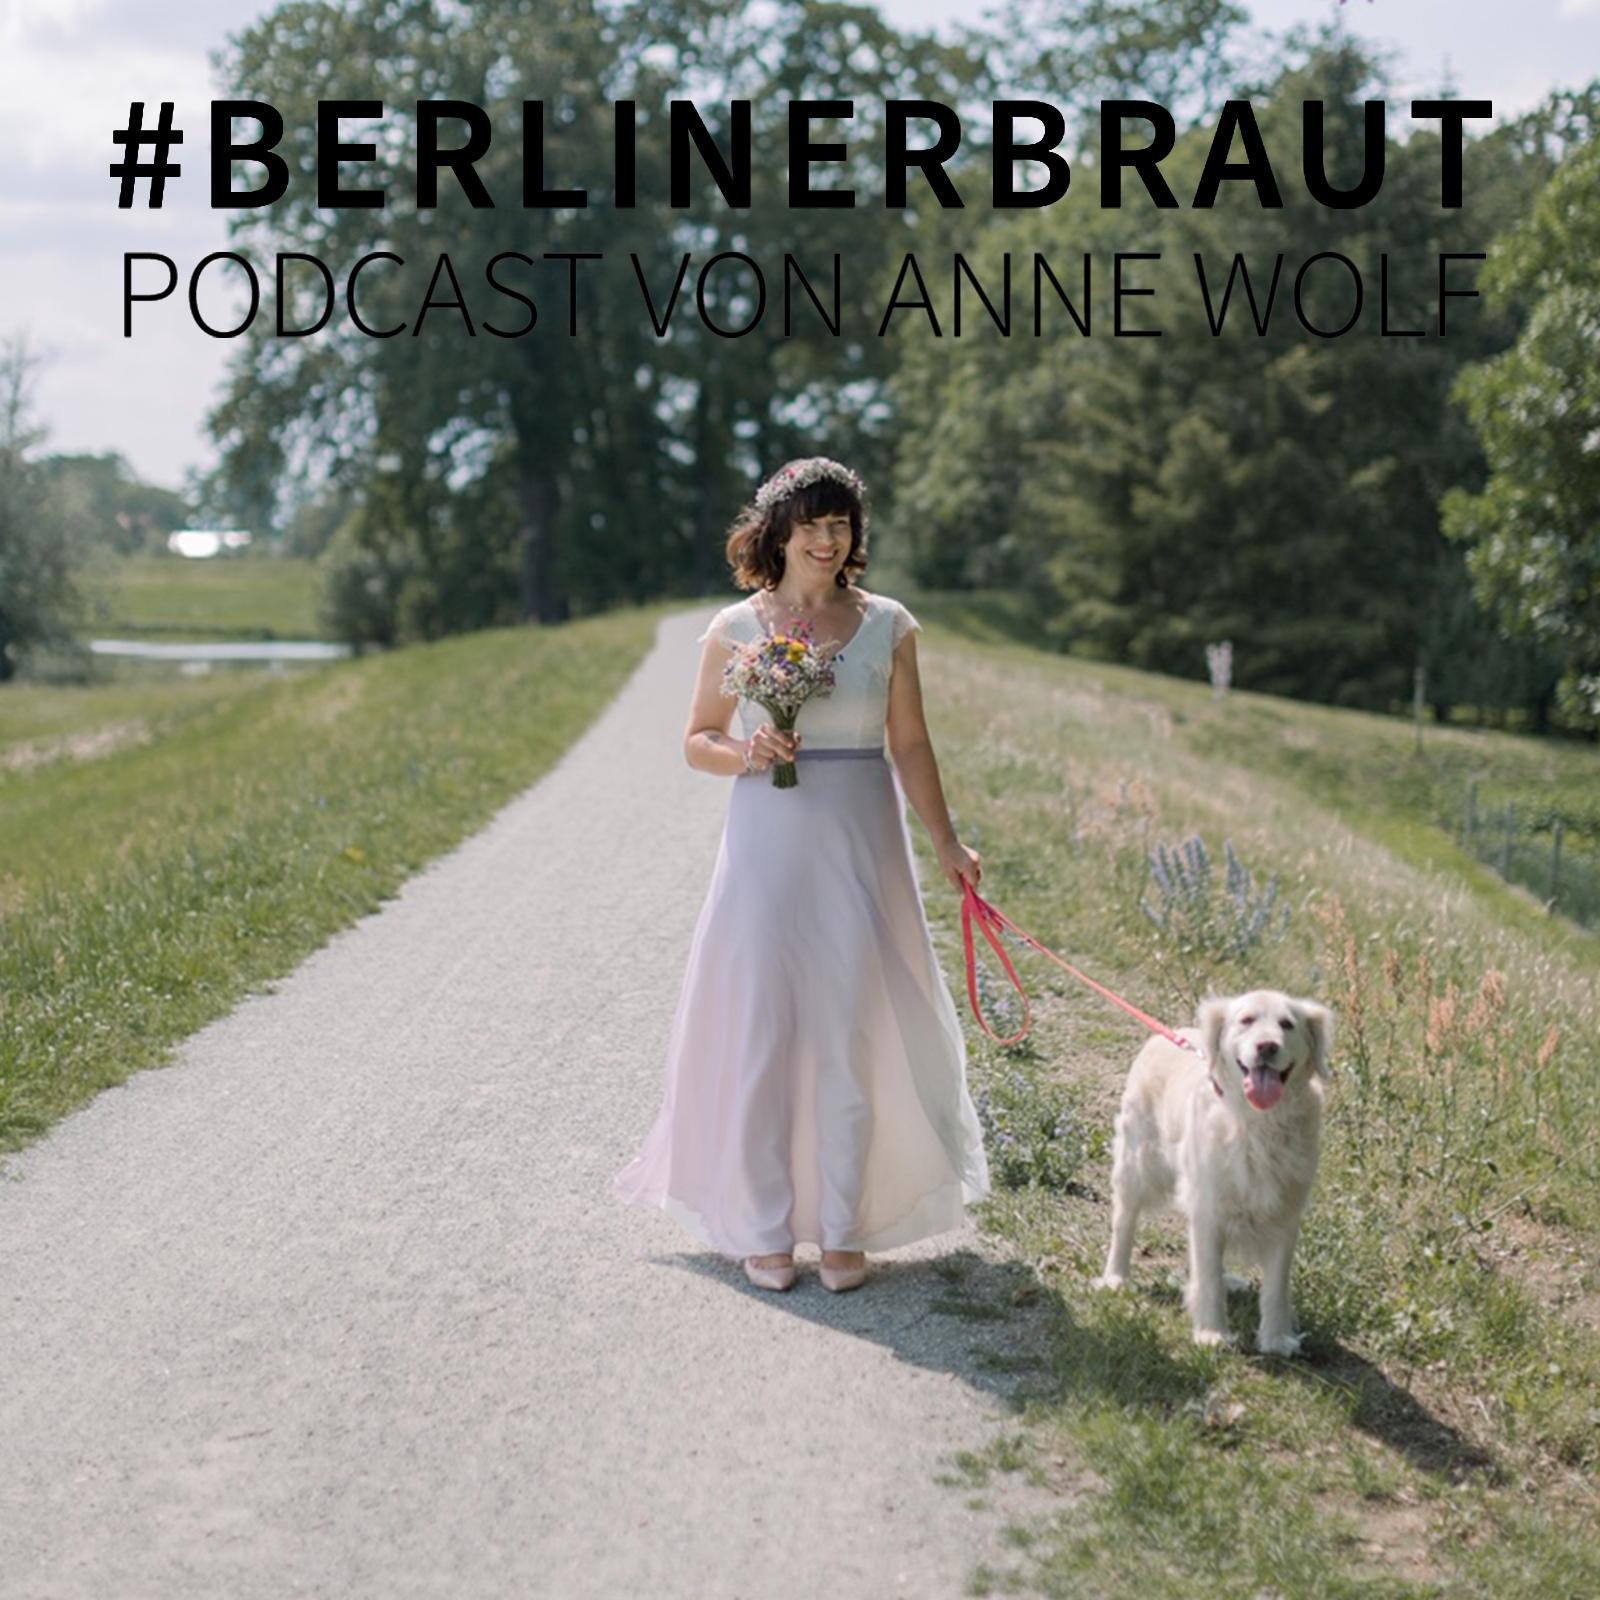 Podcast von ANNE WOLF mit der Braut Sabine